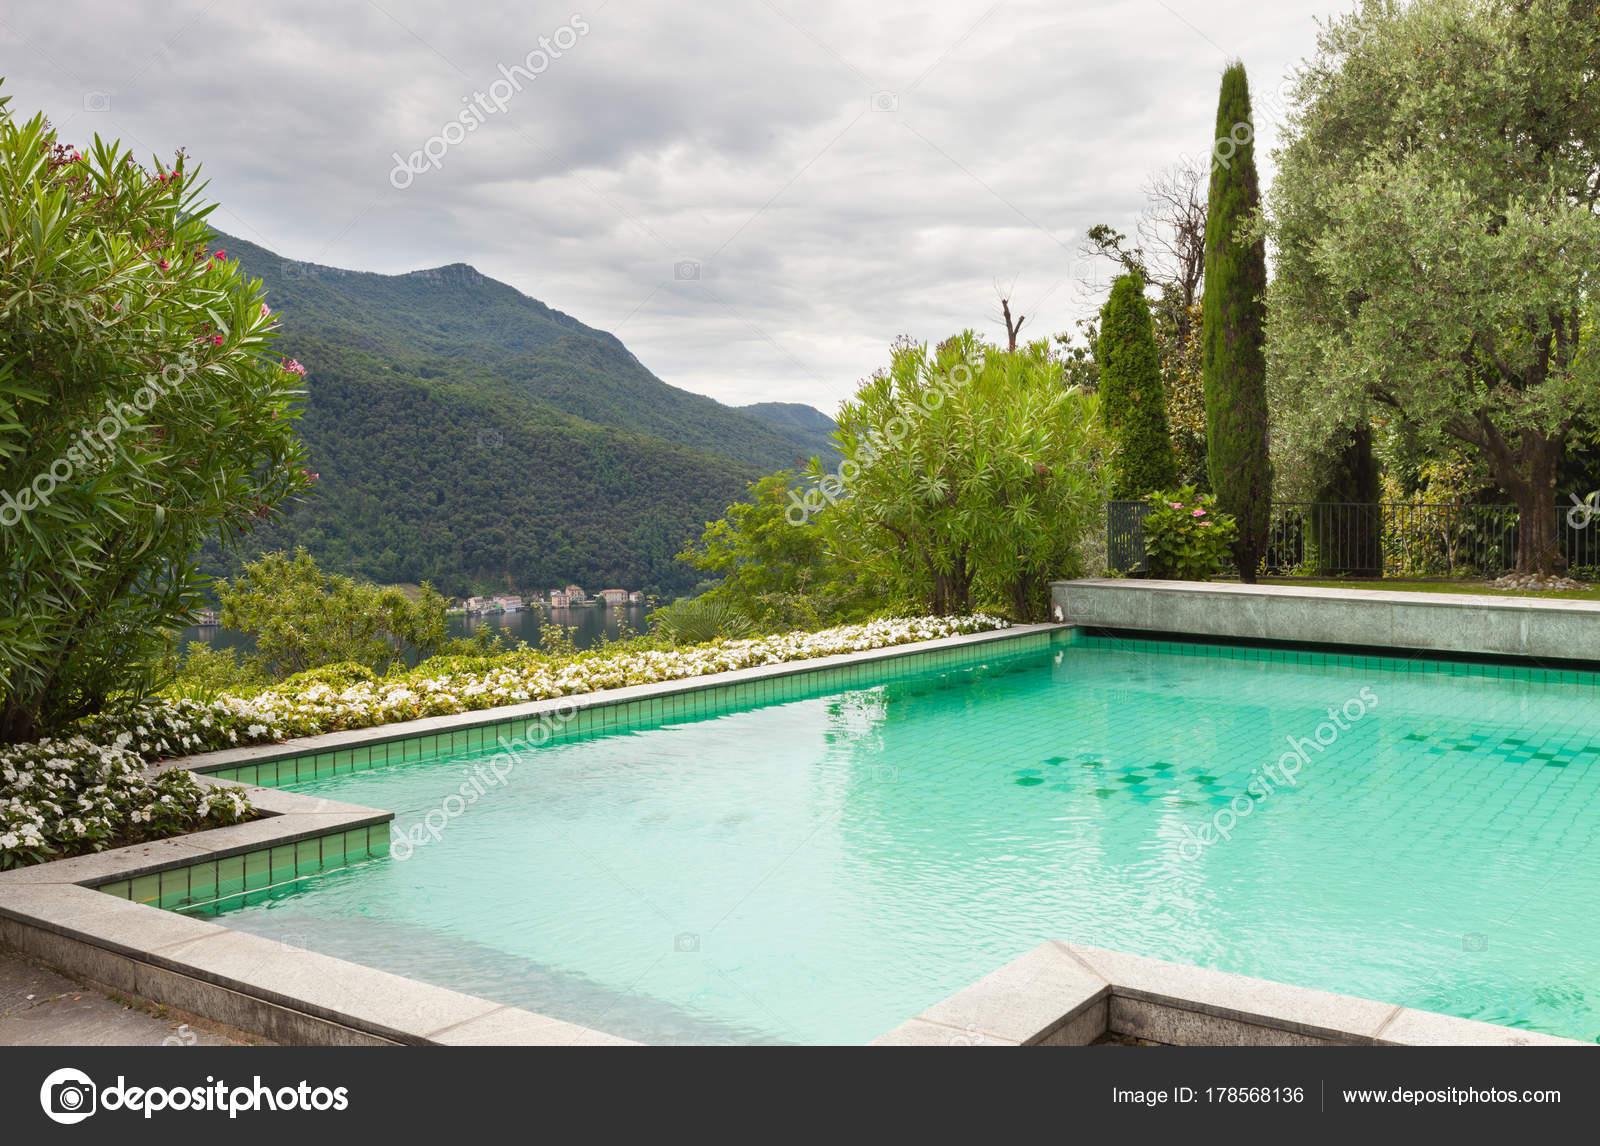 Casa con piscina foto stock zveiger 178568136 for Casa con piscina urdaibai